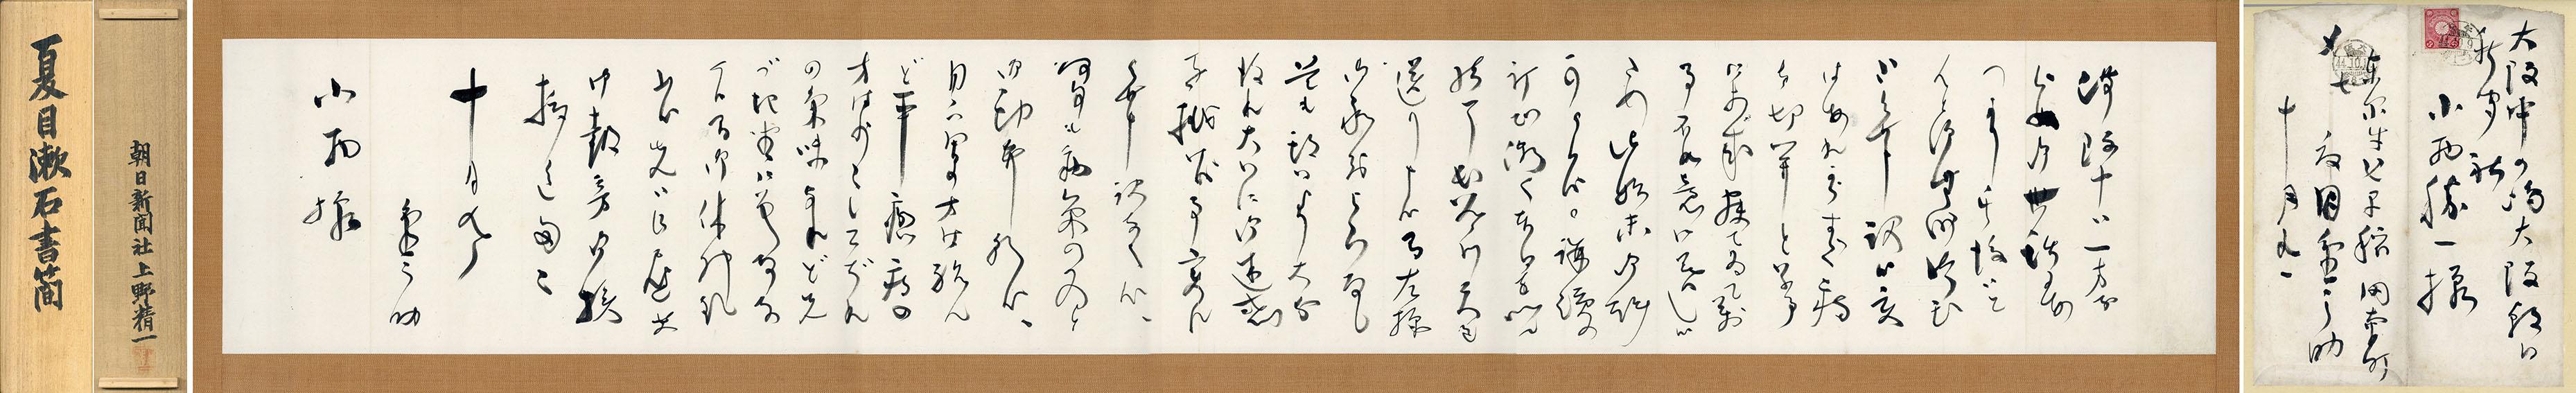 夏目漱石書簡巻/夏目漱石